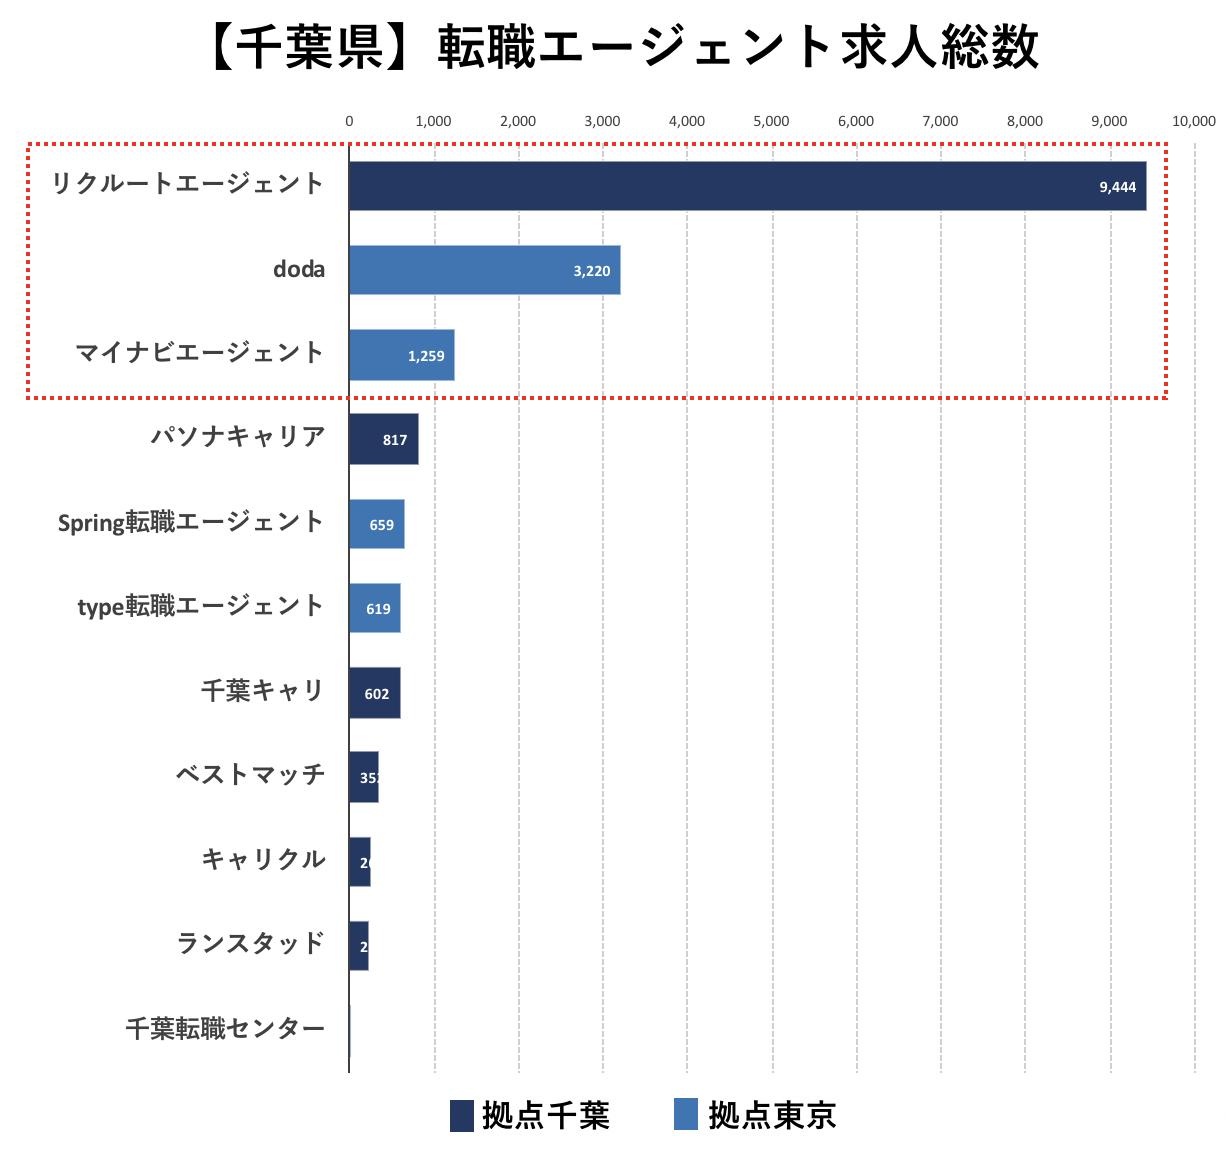 千葉の転職エージェントの求人数の比較